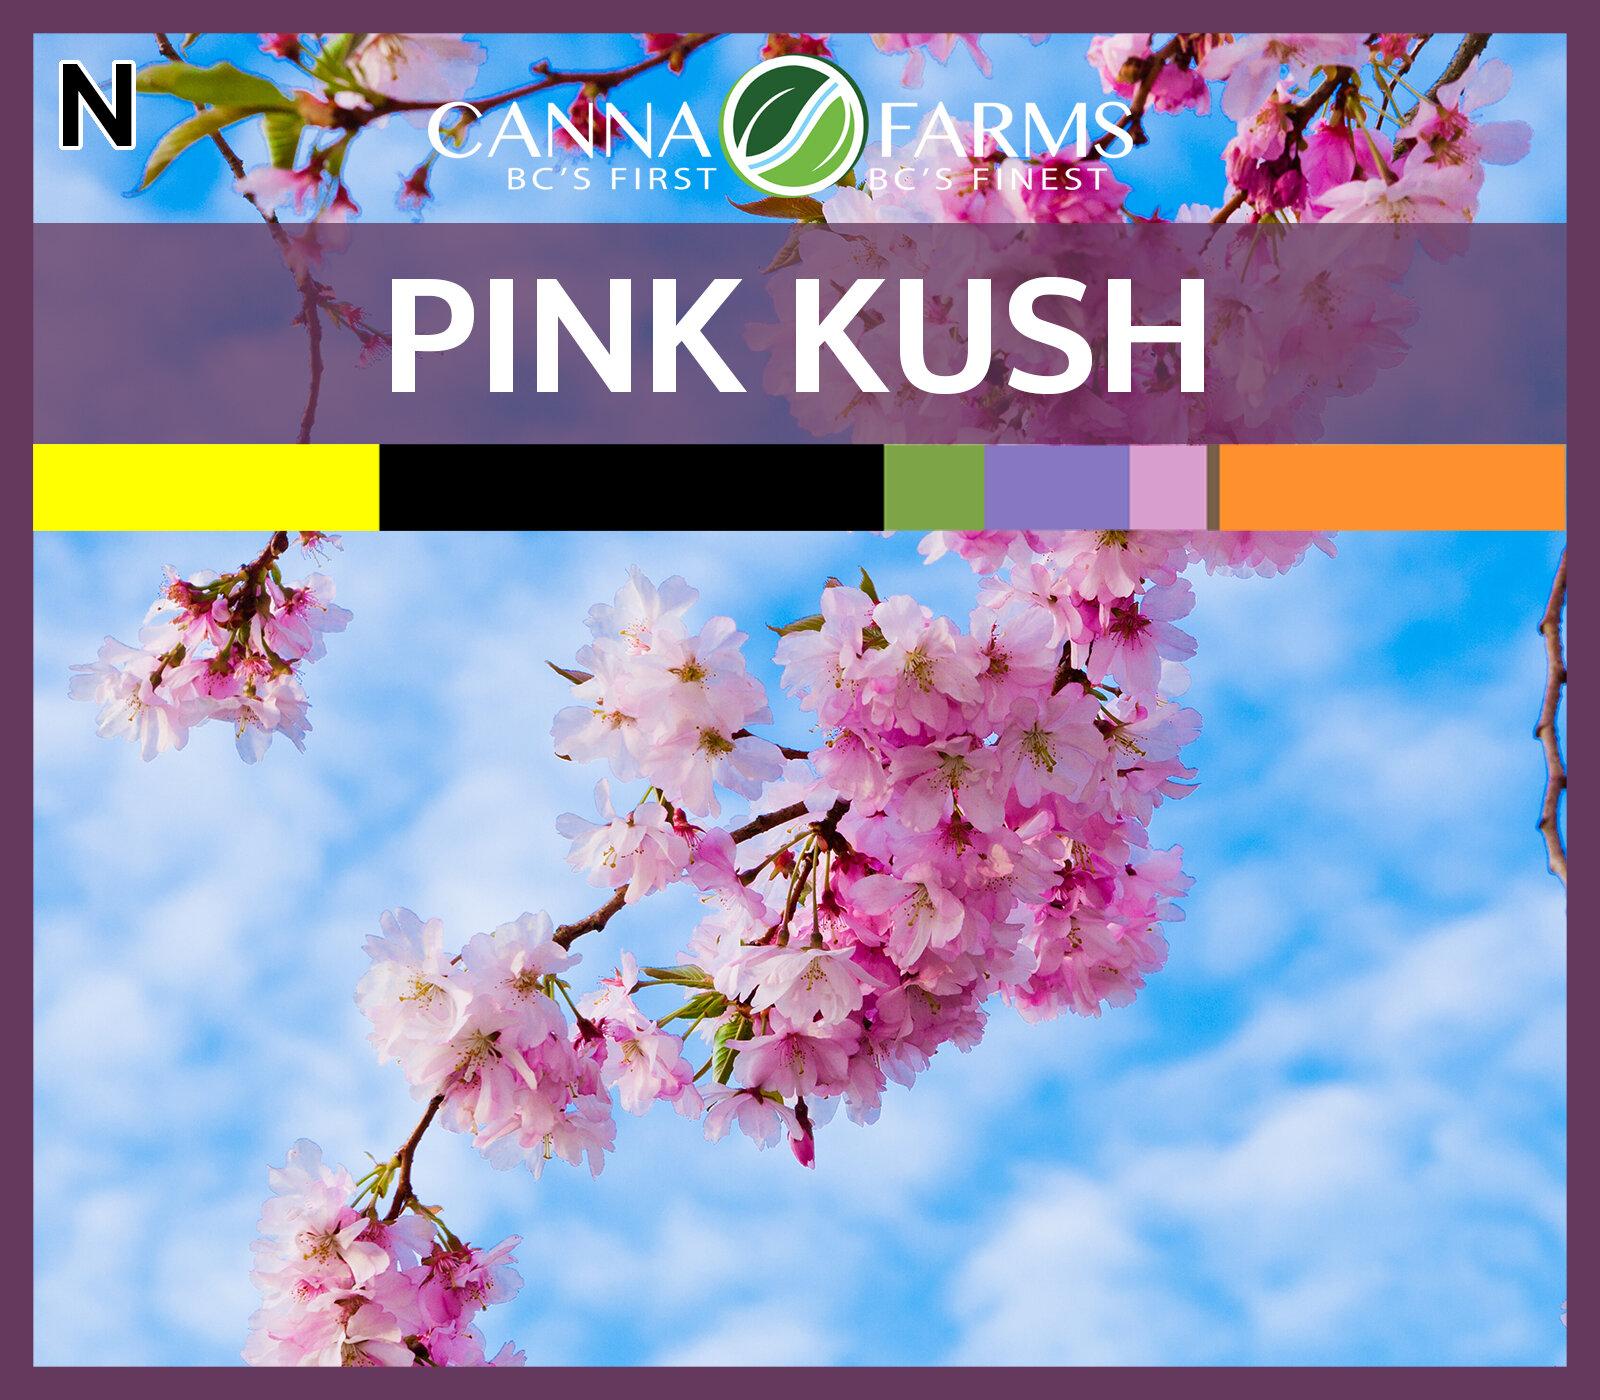 CF-PINK KUSH.jpg